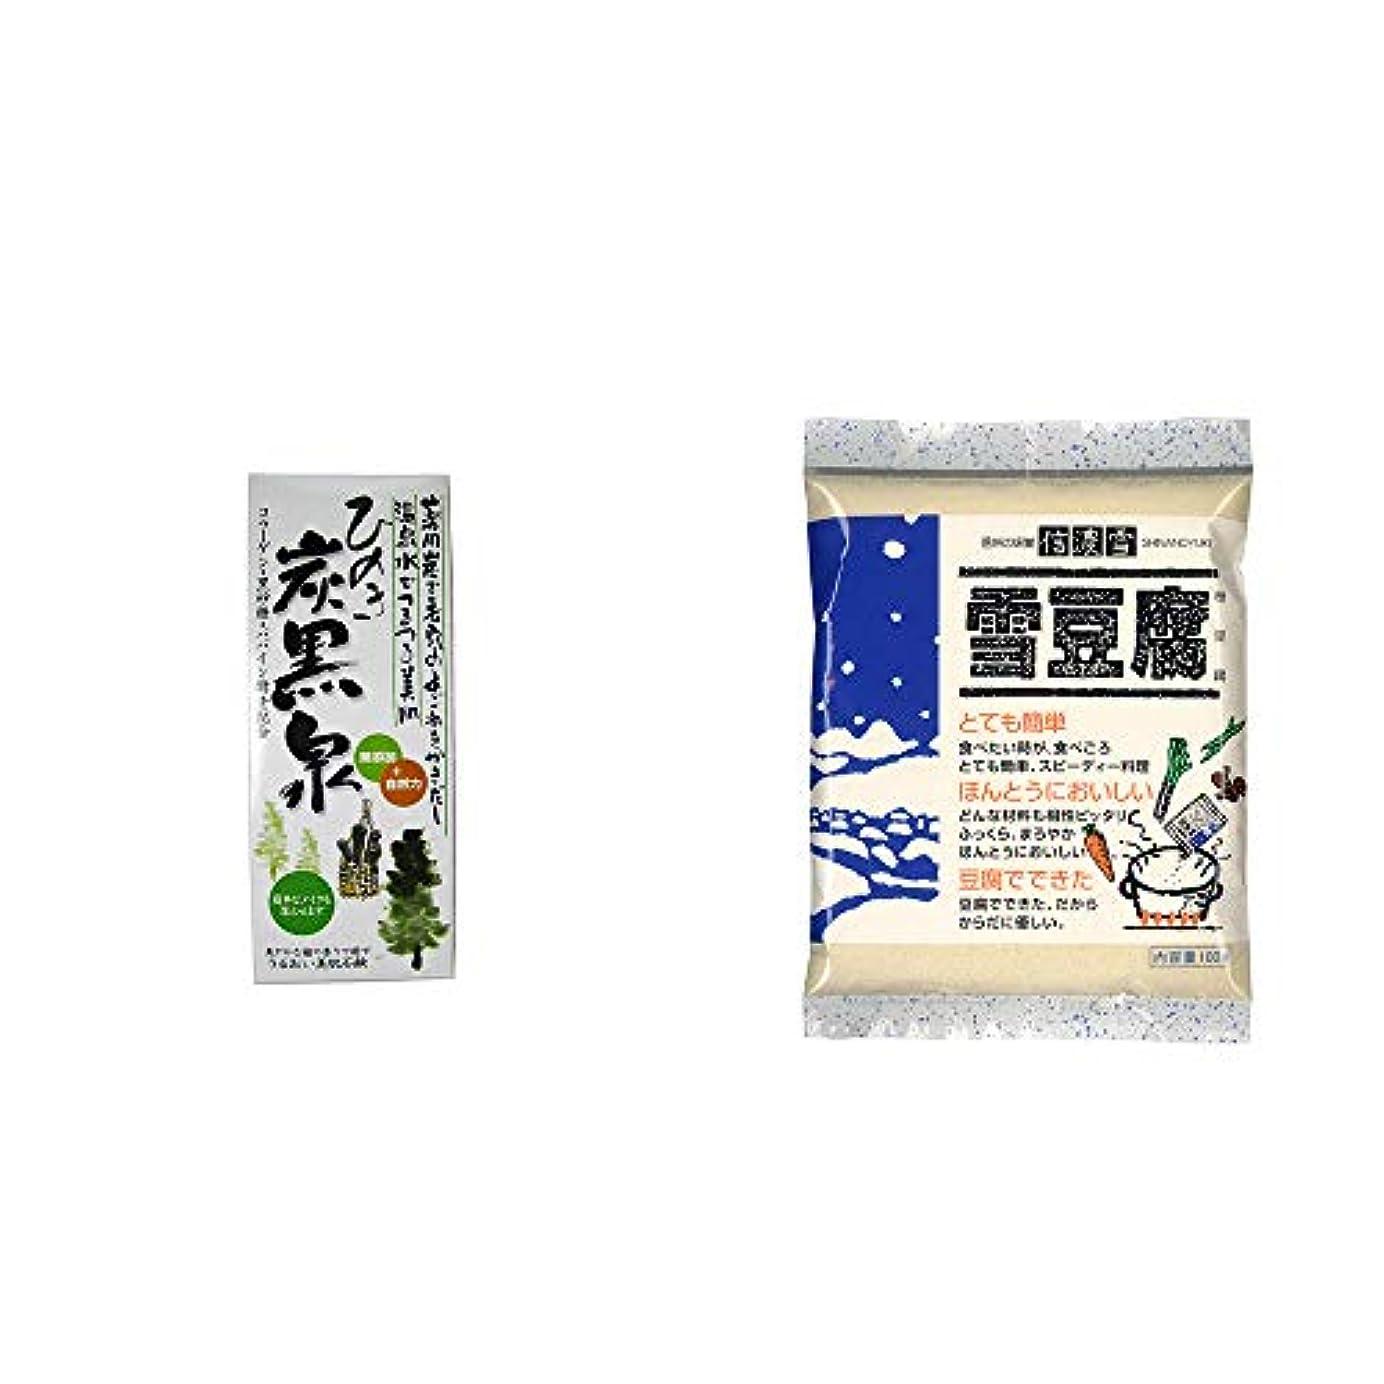 レオナルドダマットレスサスティーン[2点セット] ひのき炭黒泉 箱入り(75g×3)?信濃雪 雪豆腐(粉豆腐)(100g)